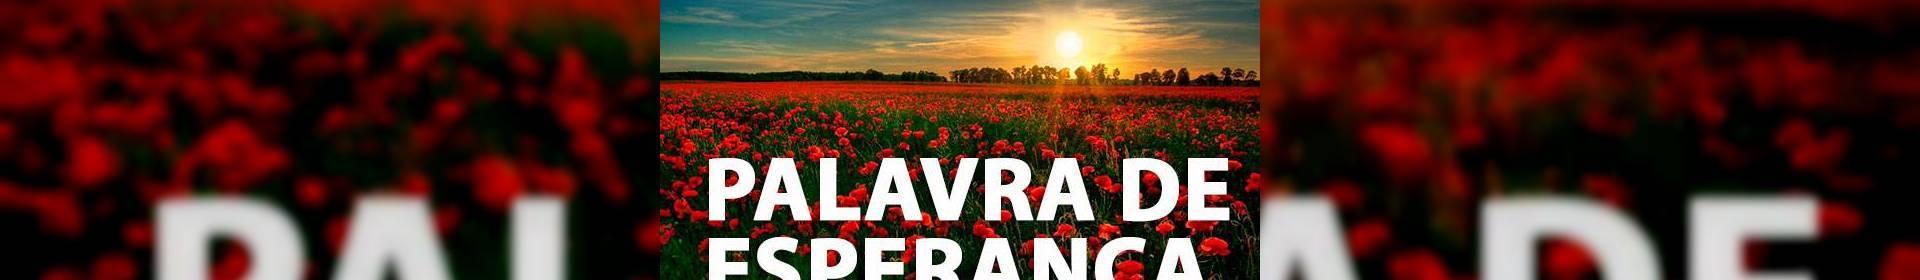 Salmos 23:5 - Uma Palavra de Esperança para sua vida